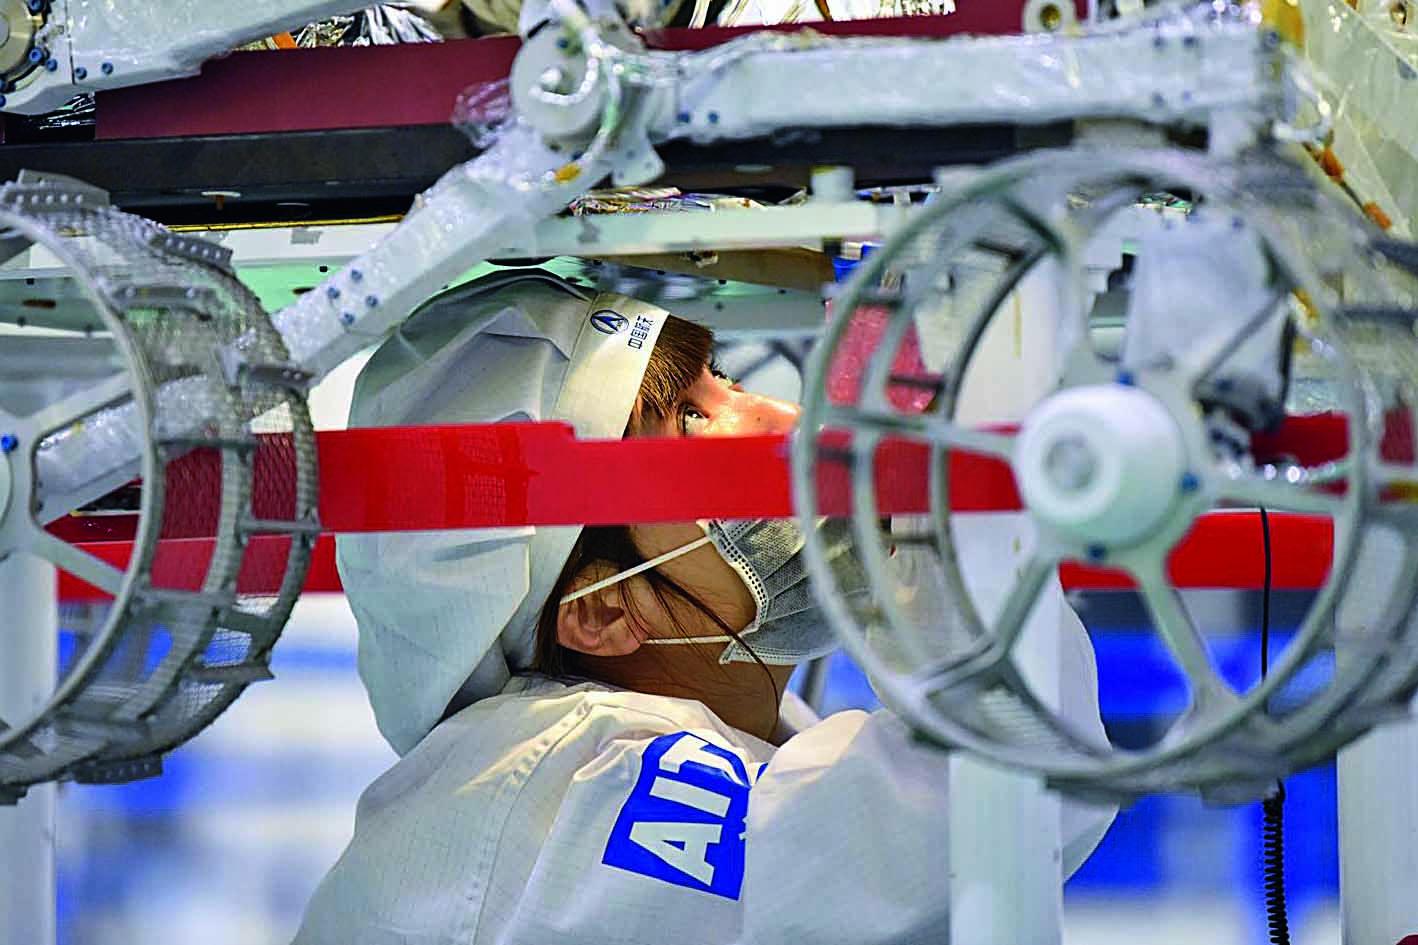 Интересные факты об истории Китайской лунной программы и космической миссии «Чанъэ-4» - 18